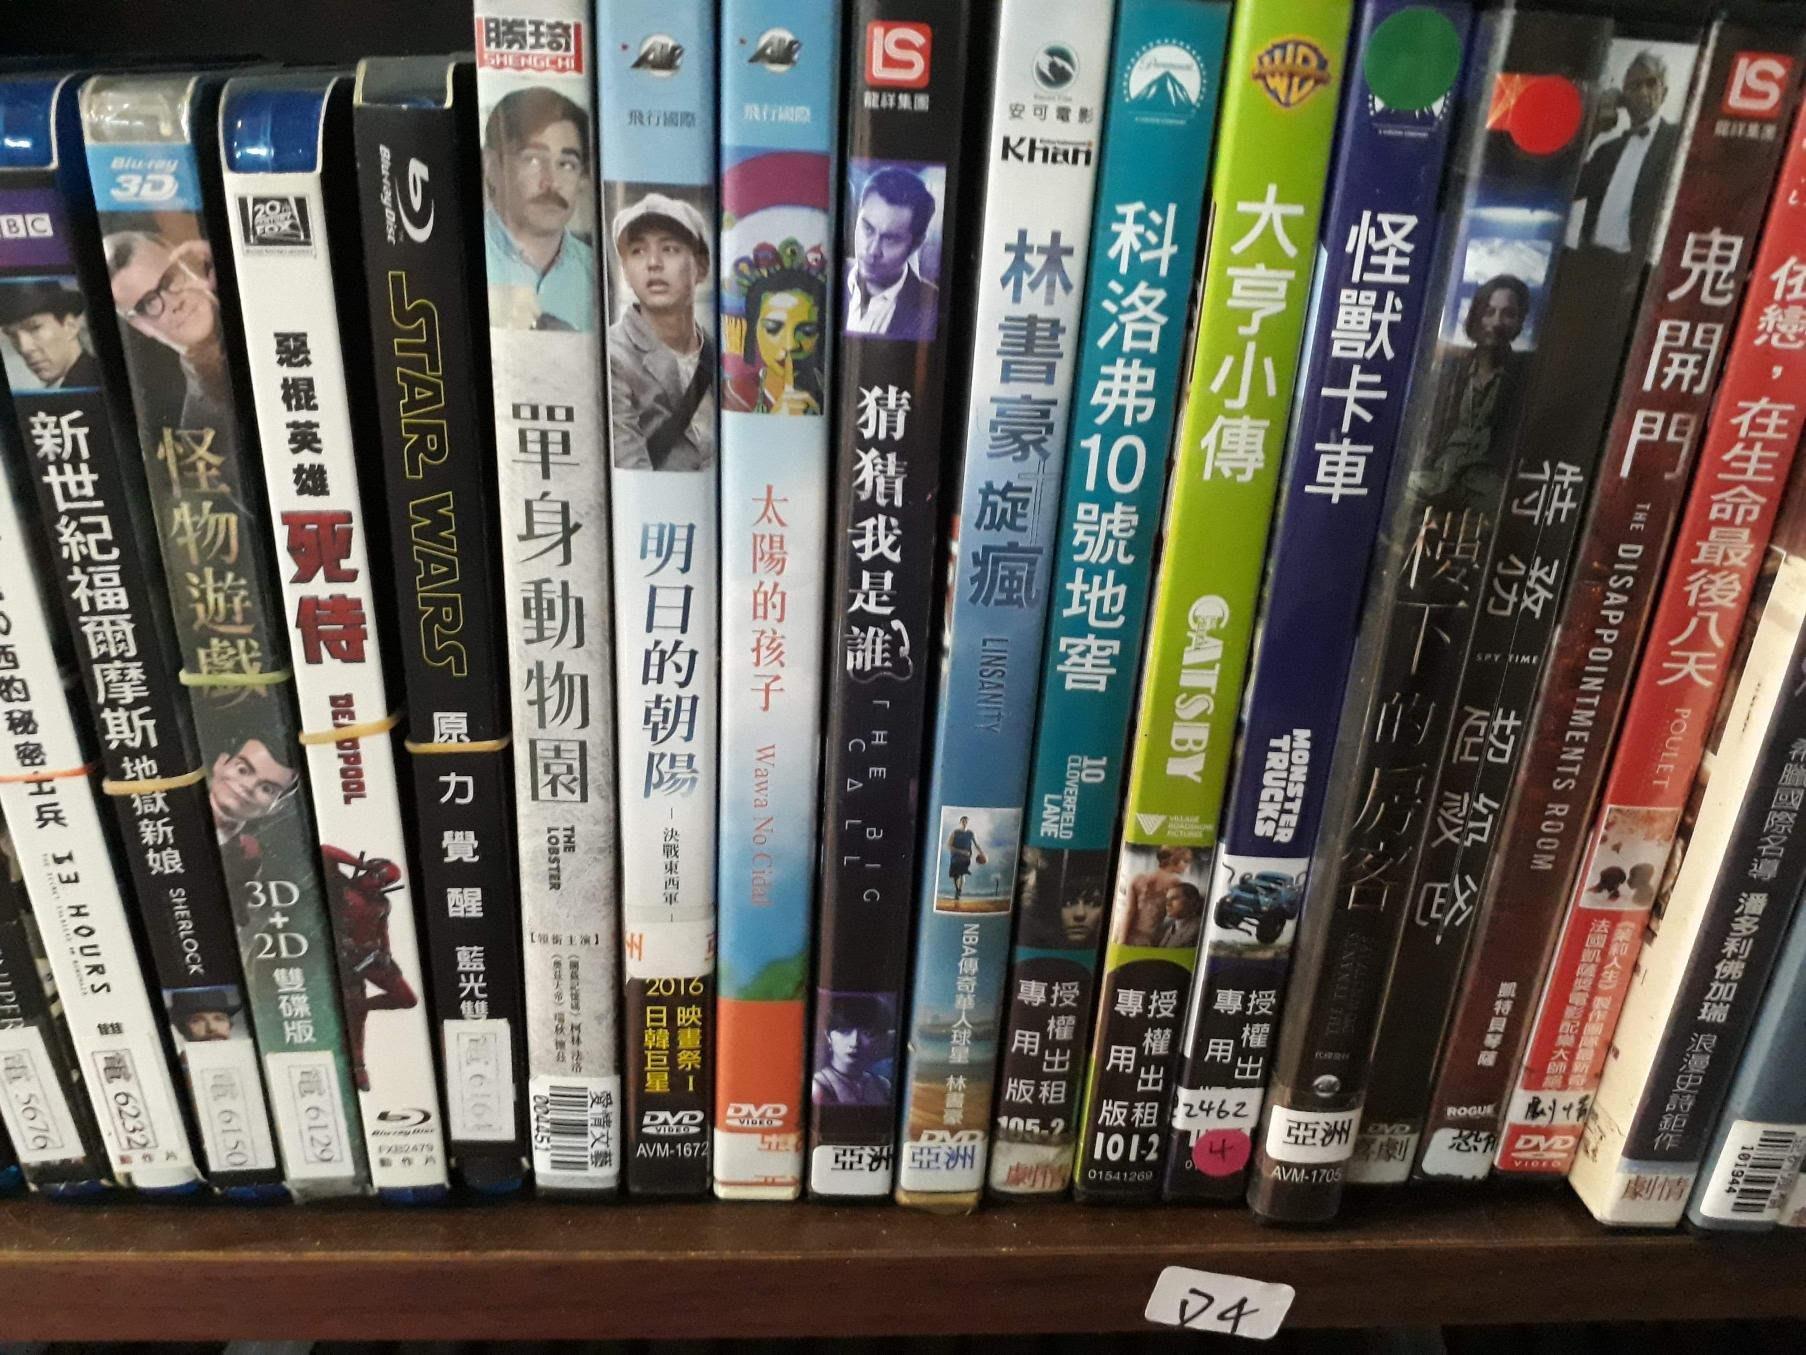 【席滿客二手書】正版DVD-電影《科洛弗10號地窖》-瑪麗伊莉莎白文斯蒂德、約翰古德曼